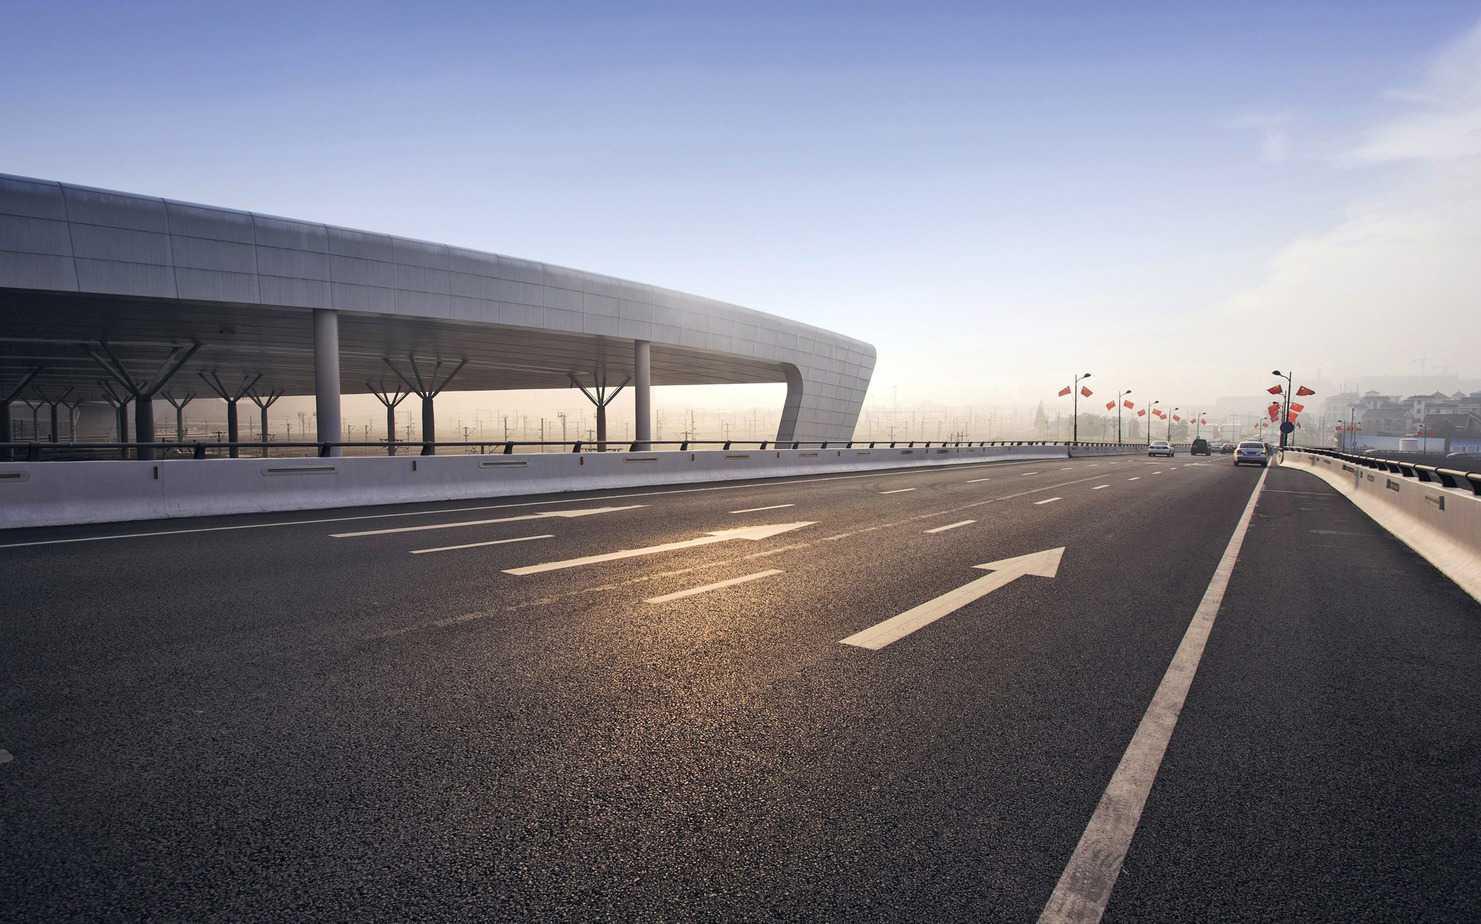 Le elevate velocità a cui la pista di Misano Adriatico è sottoposta hanno imposto una valutazione attenta e severa del legante